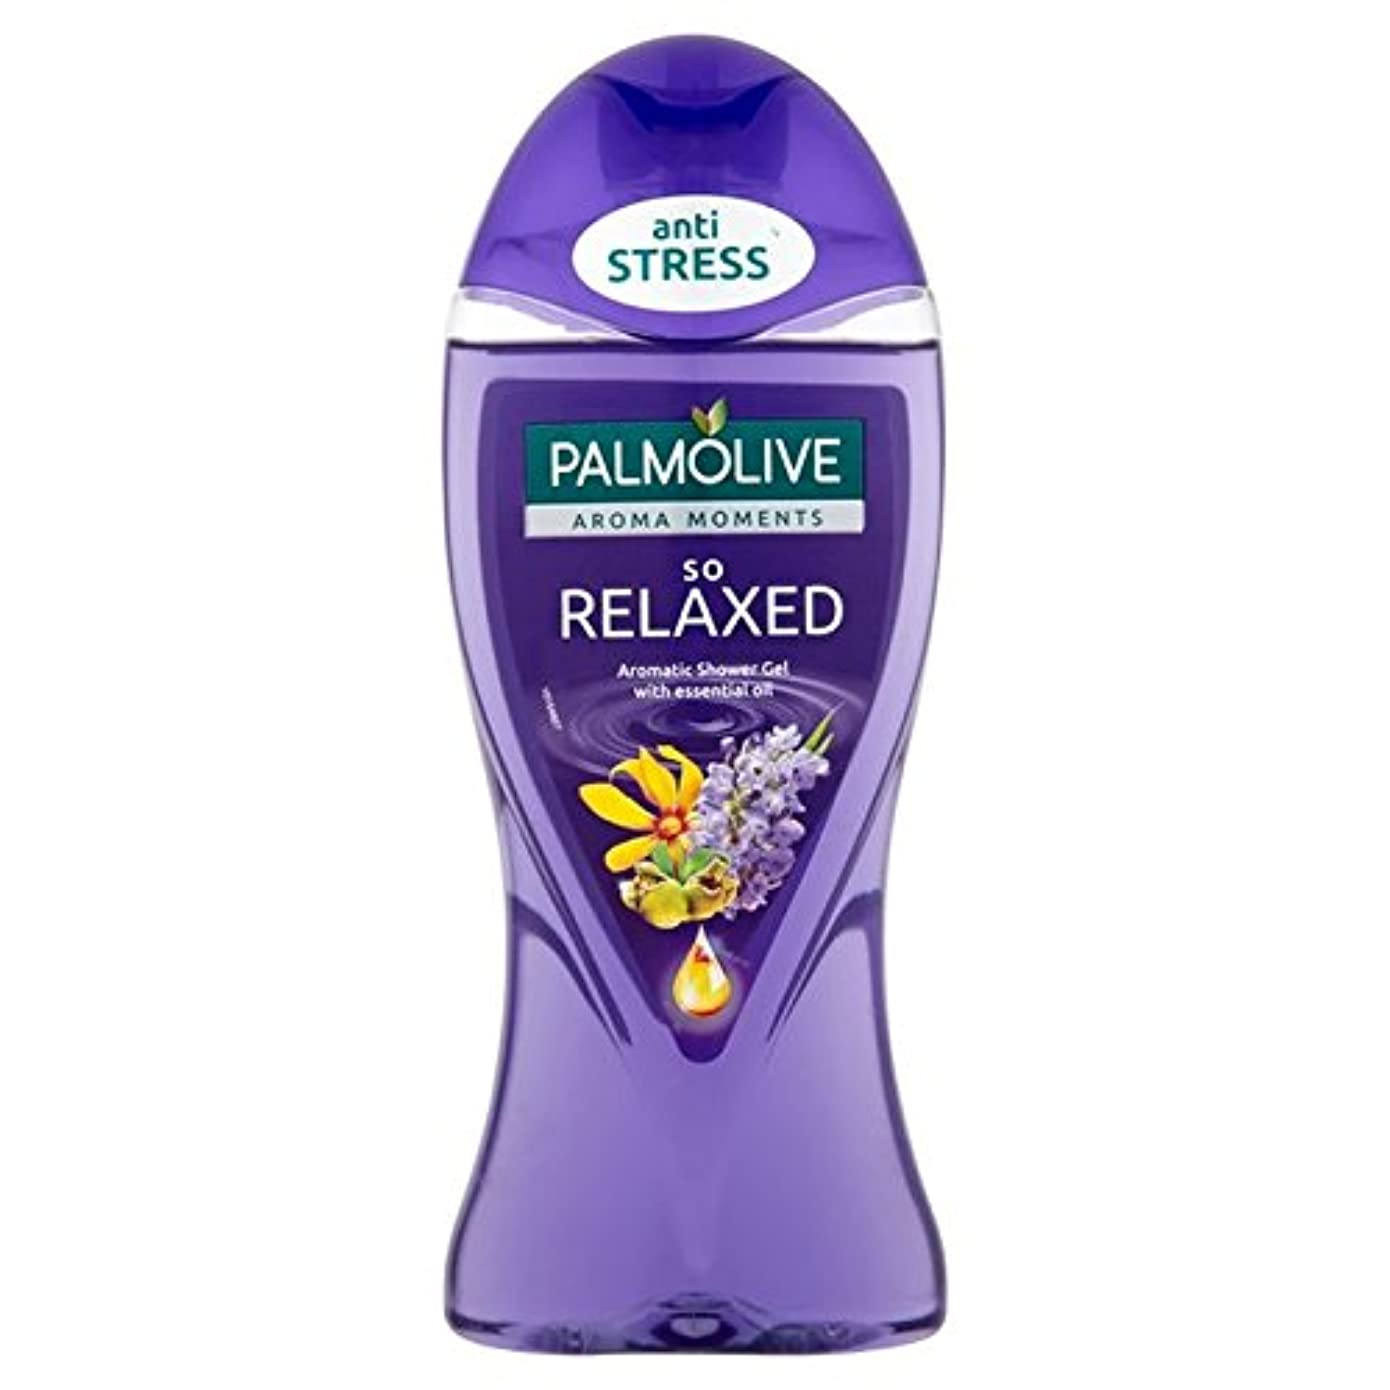 コンドームセブン抱擁パルモシャワージェルリラックスした250ミリリットル x4 - Palmolive Shower Gel Relaxed 250ml (Pack of 4) [並行輸入品]